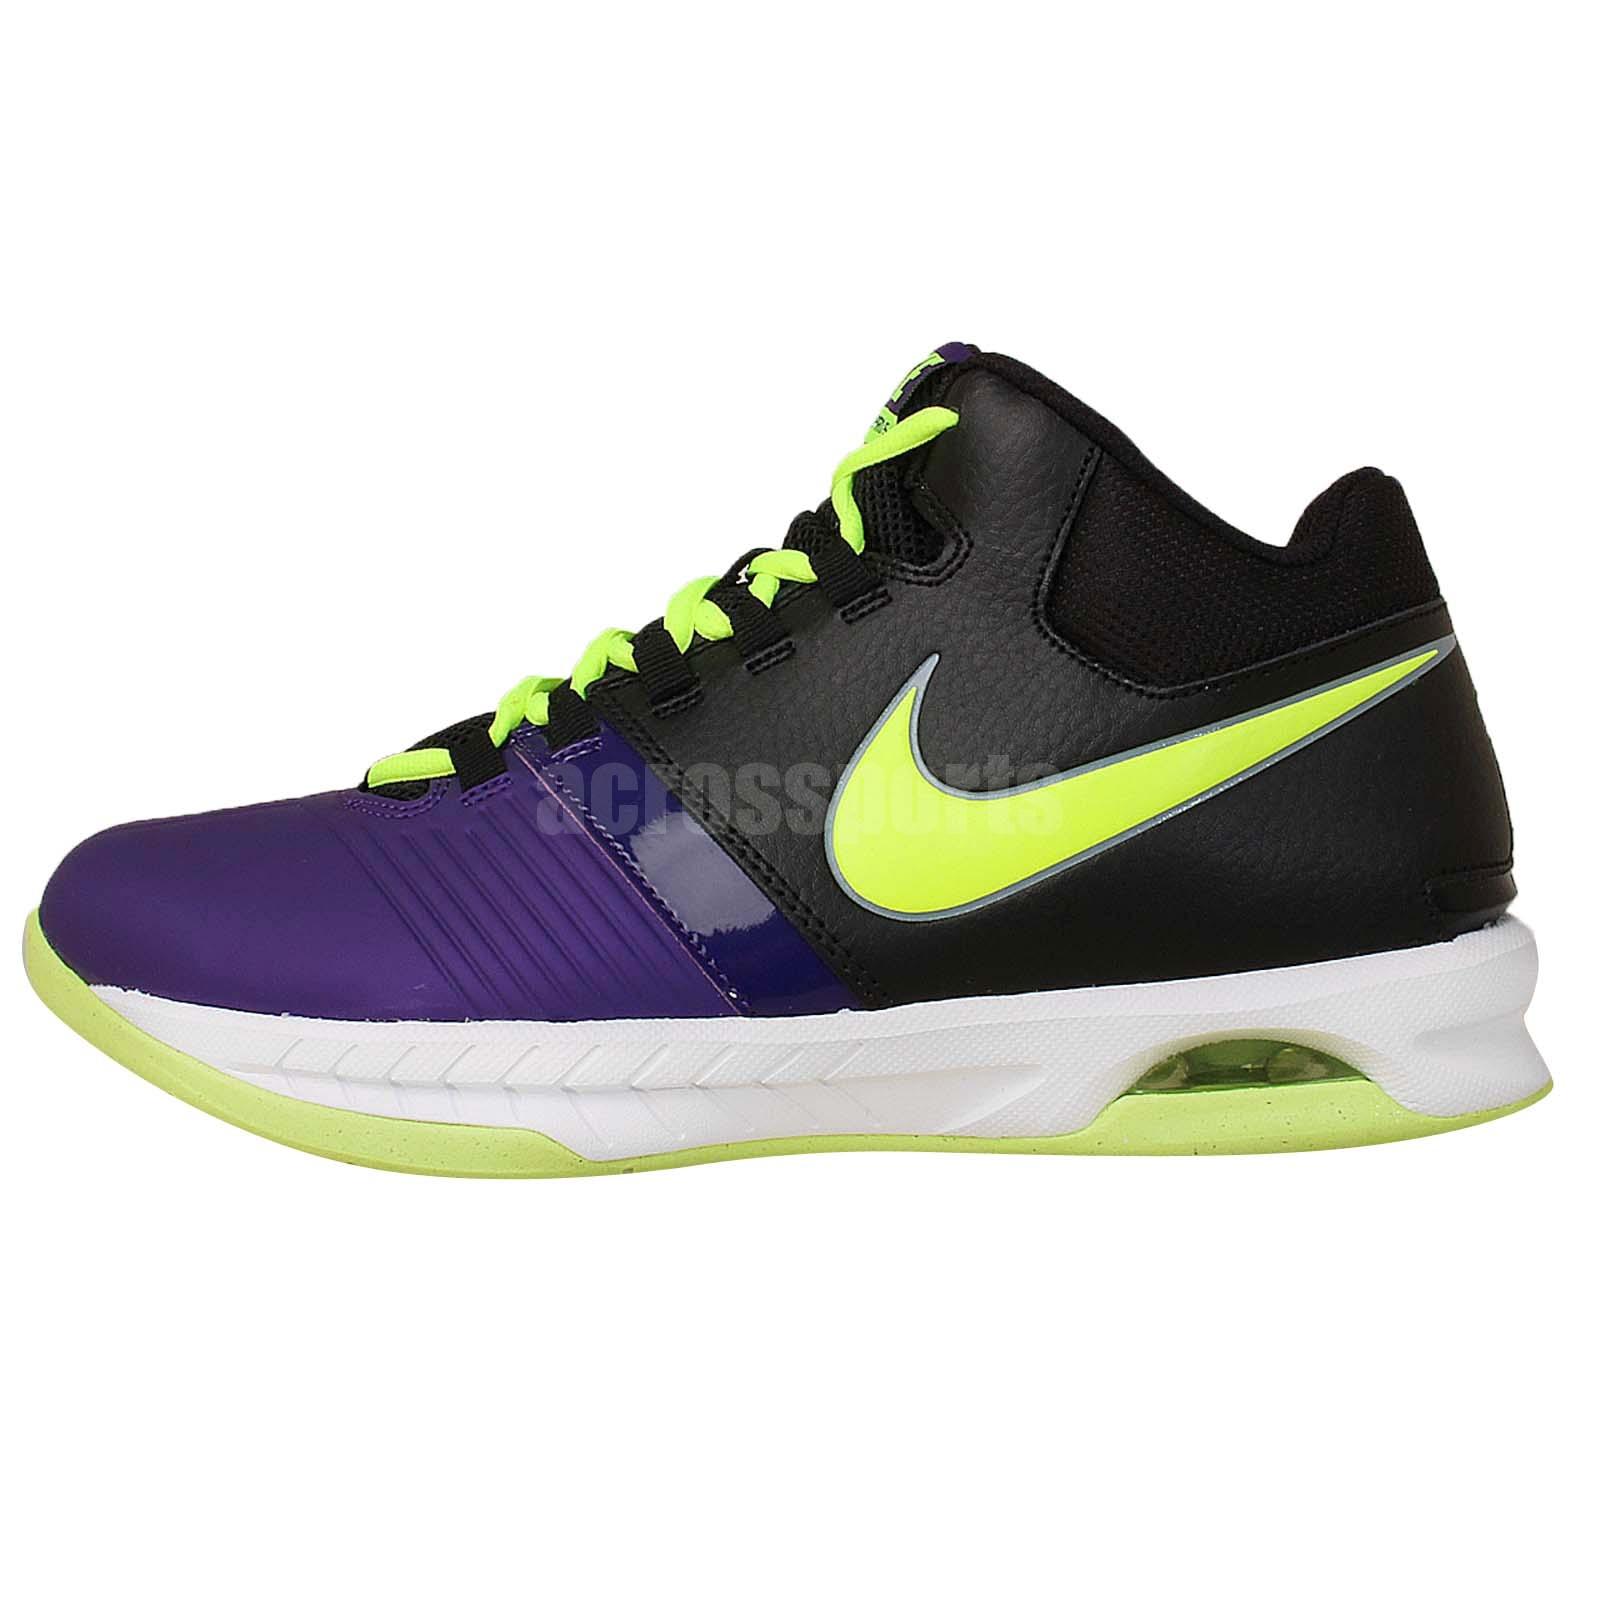 2015 Air Max Basketball